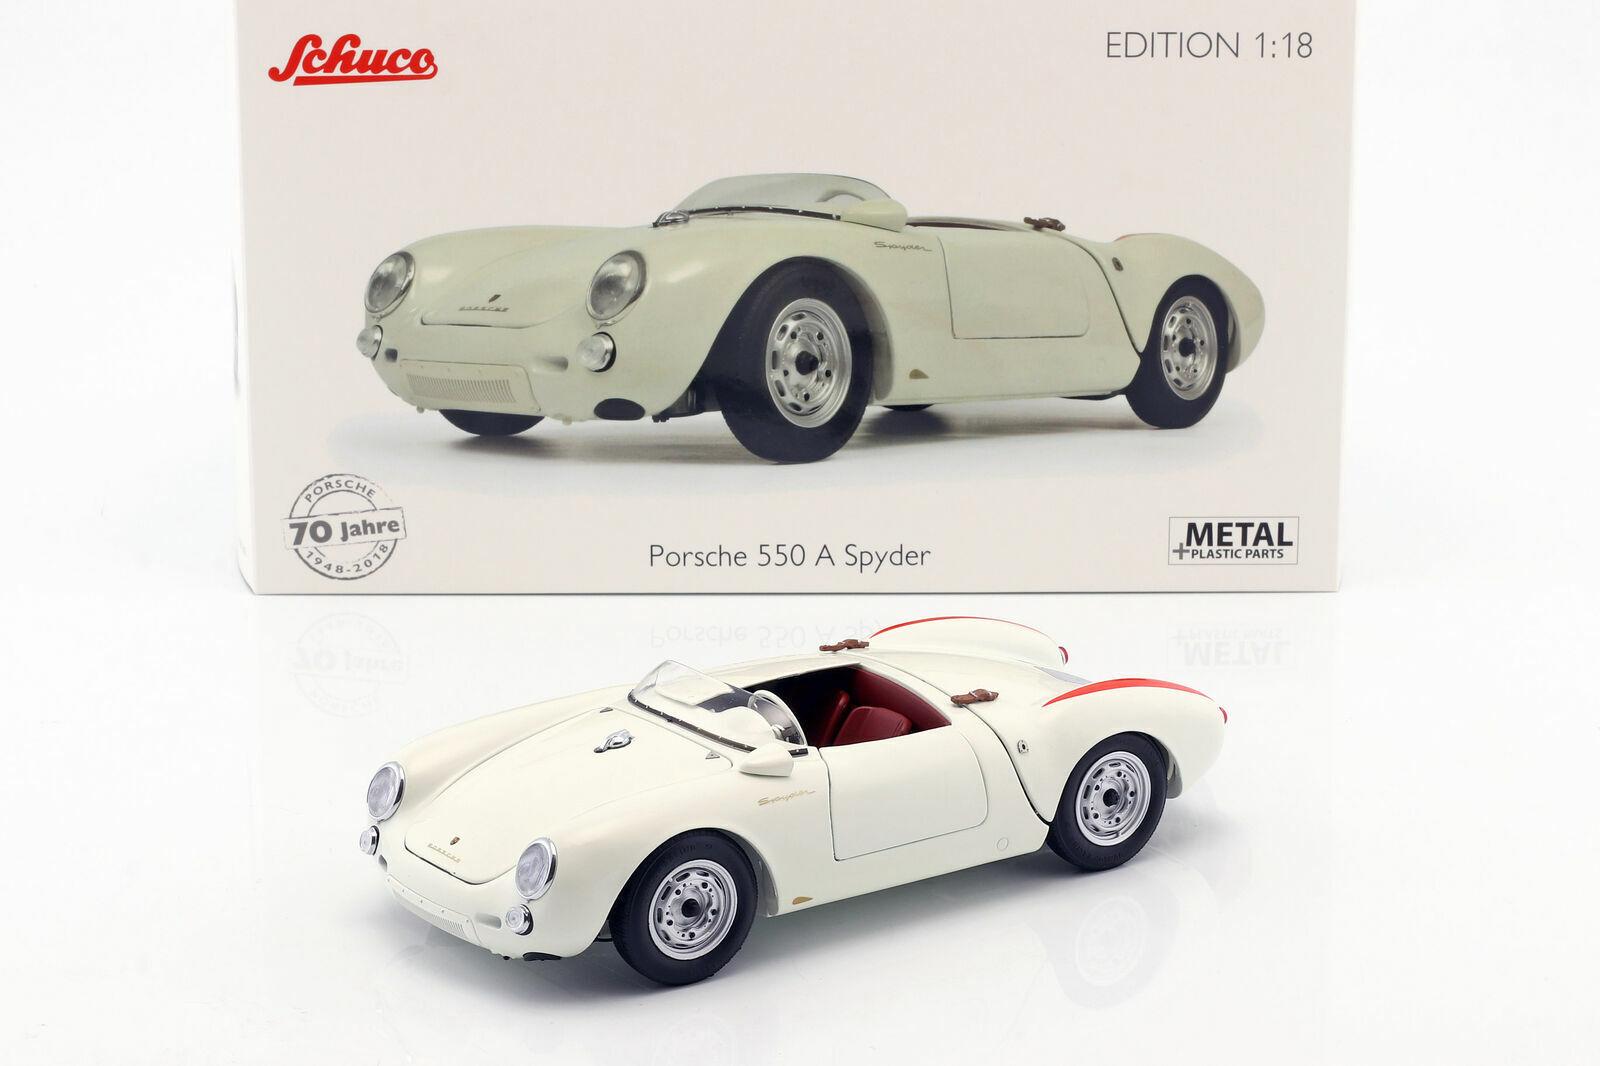 Schuco 1 18 Porsche 550 A Spyder edizione 70 Jahre Porsche bianco 450033300